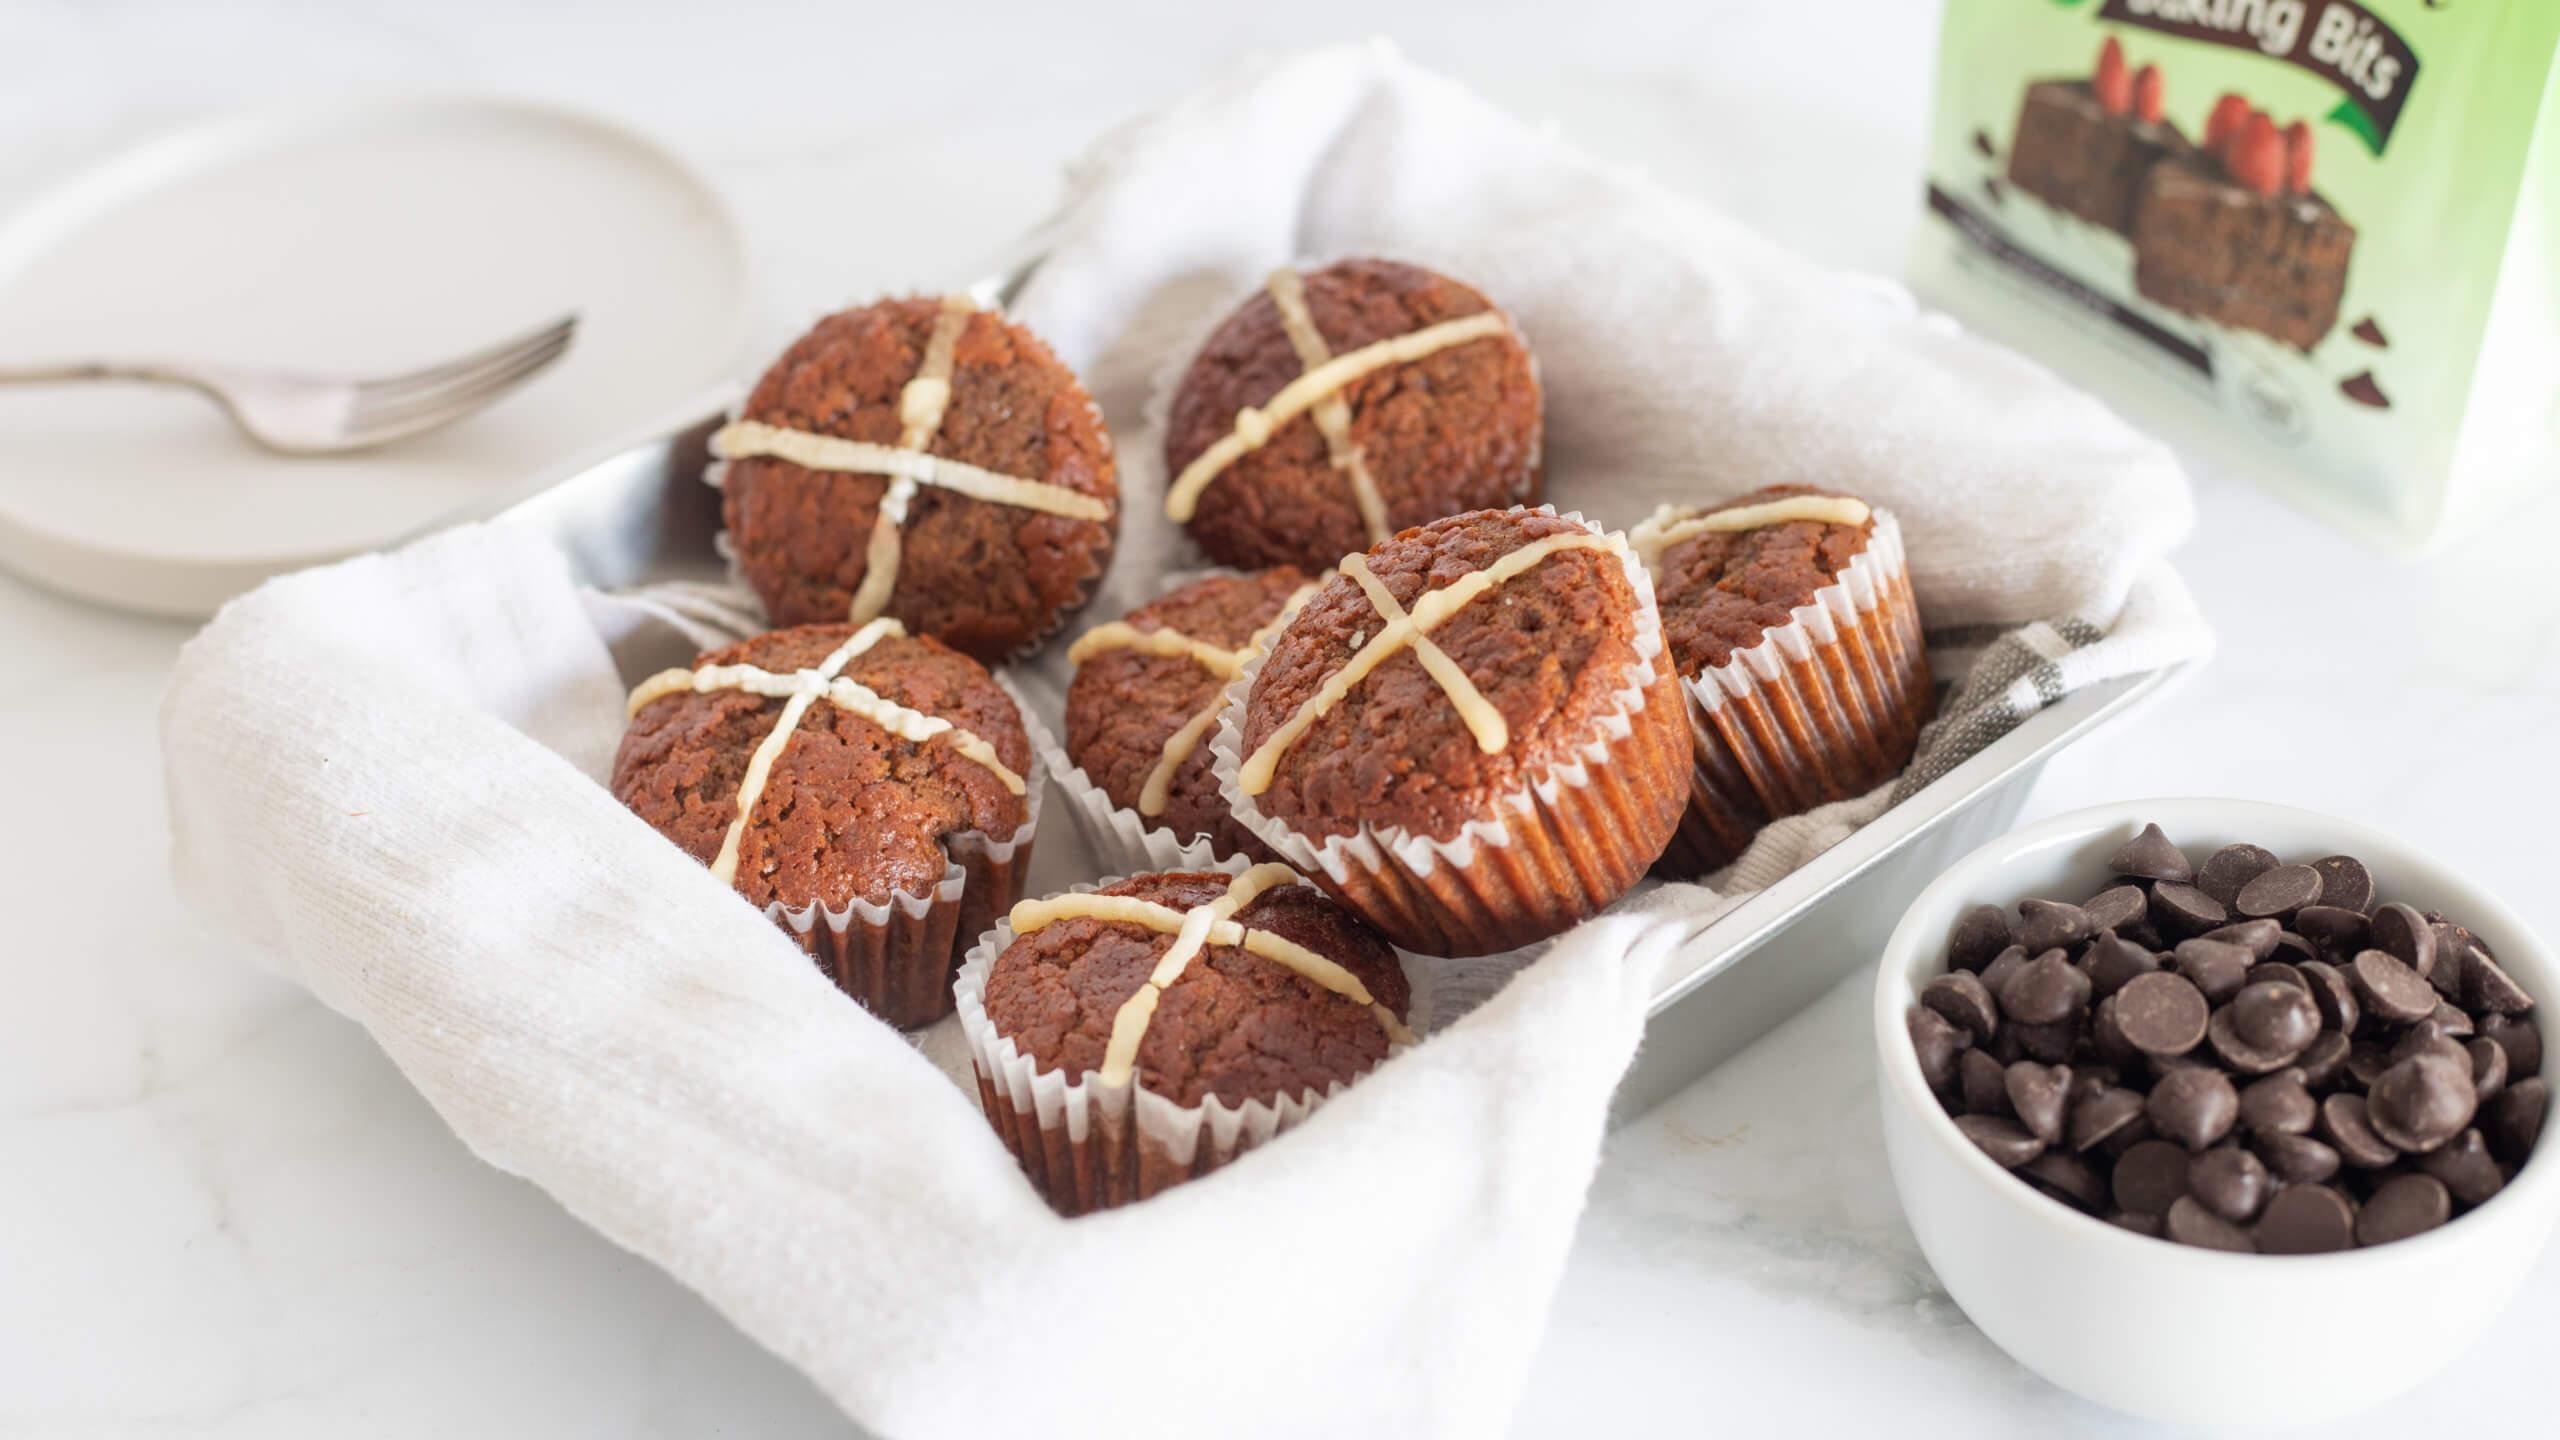 Choc Cross Muffins